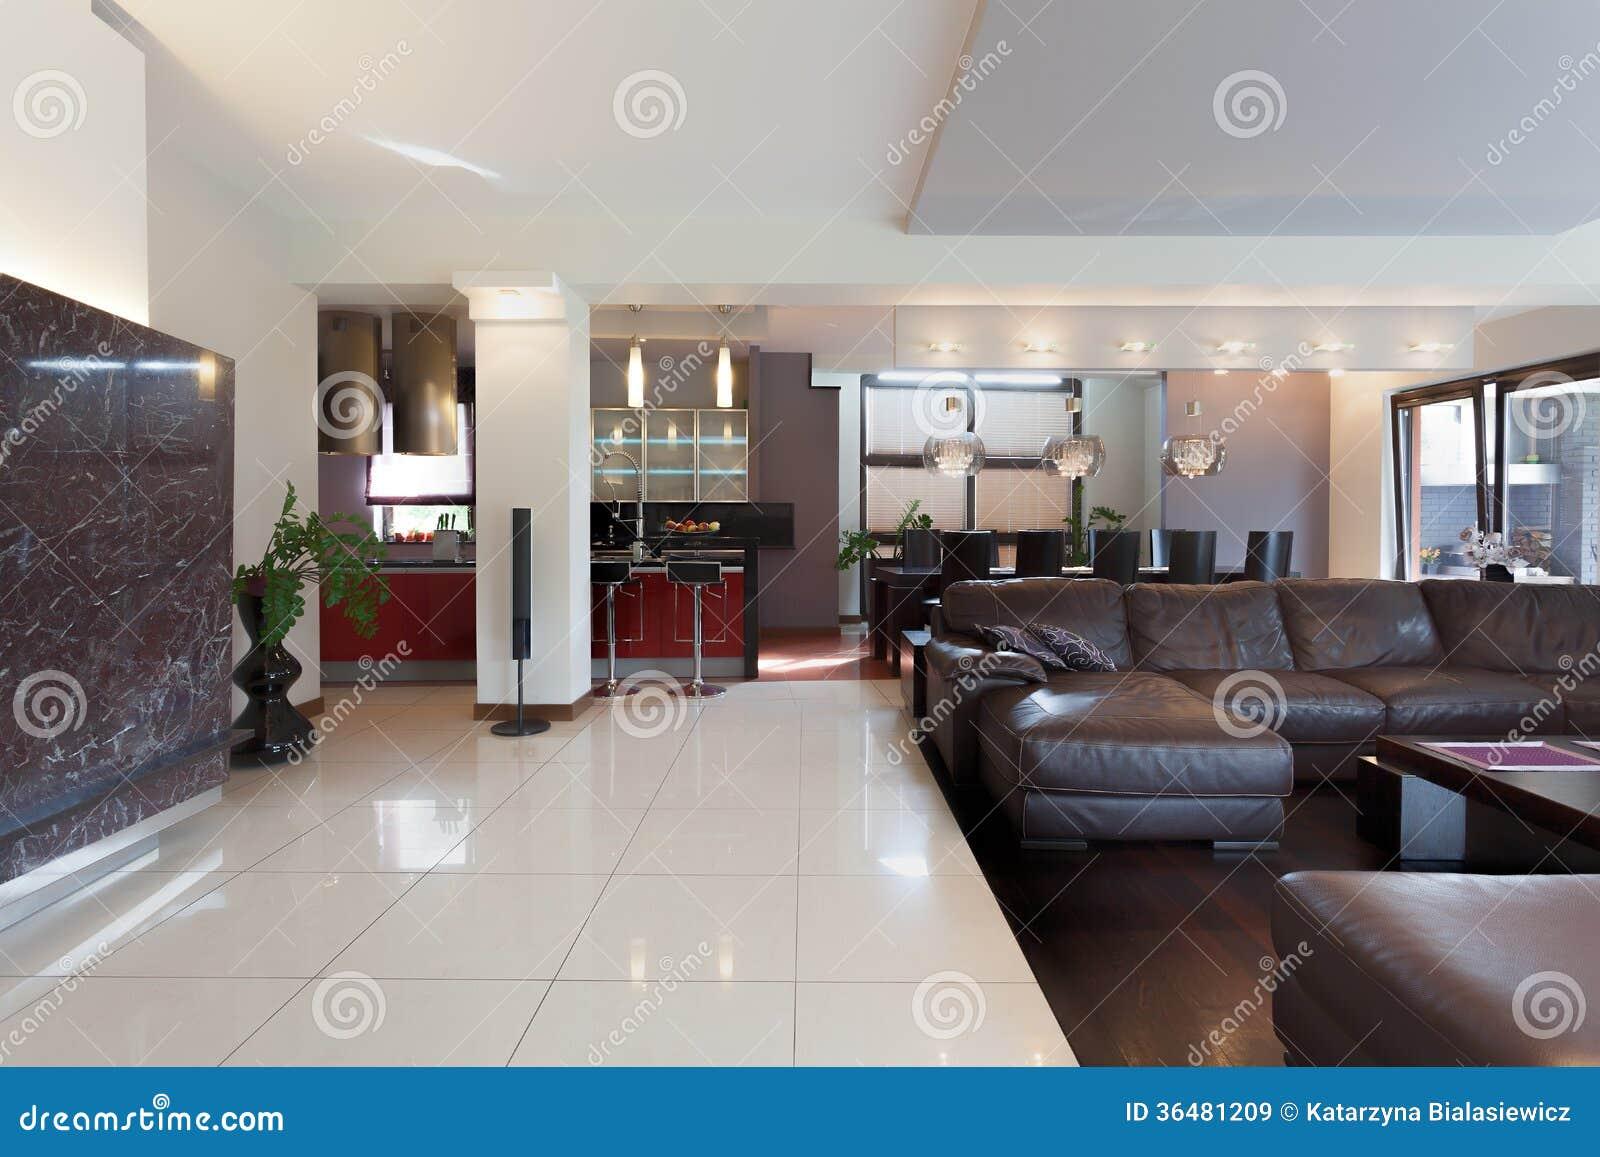 cocina sala de estar y comedor im genes de archivo libres